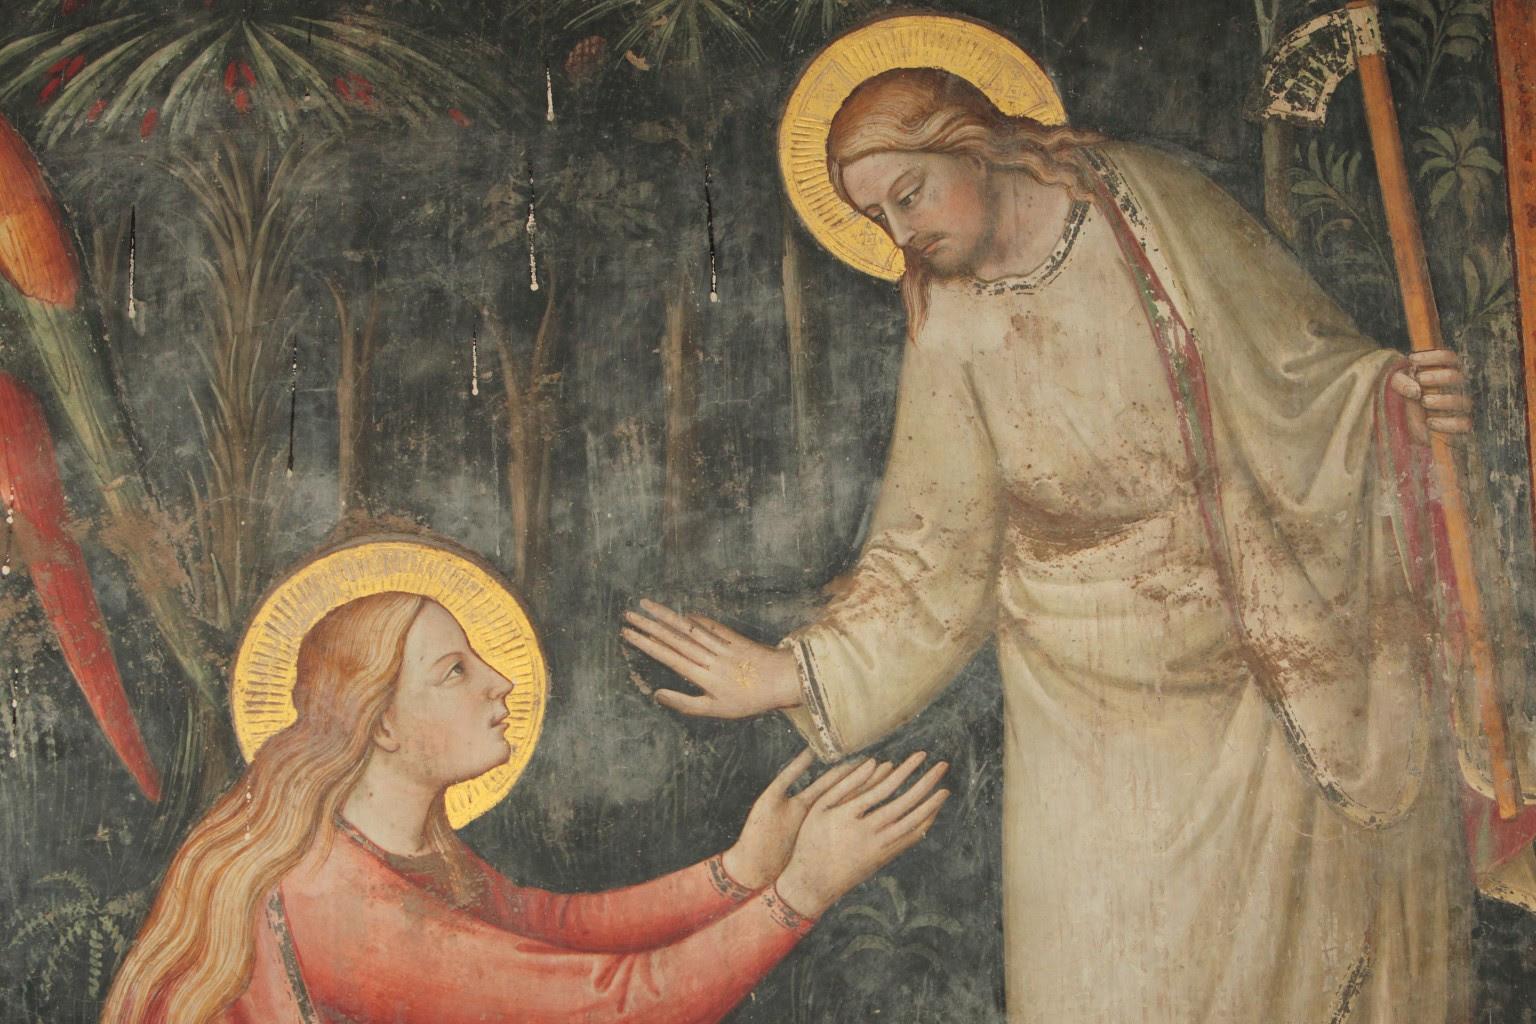 Manuscrito alega que Jesus teria se casado com Maria Madalena (Foto: Reprodução)